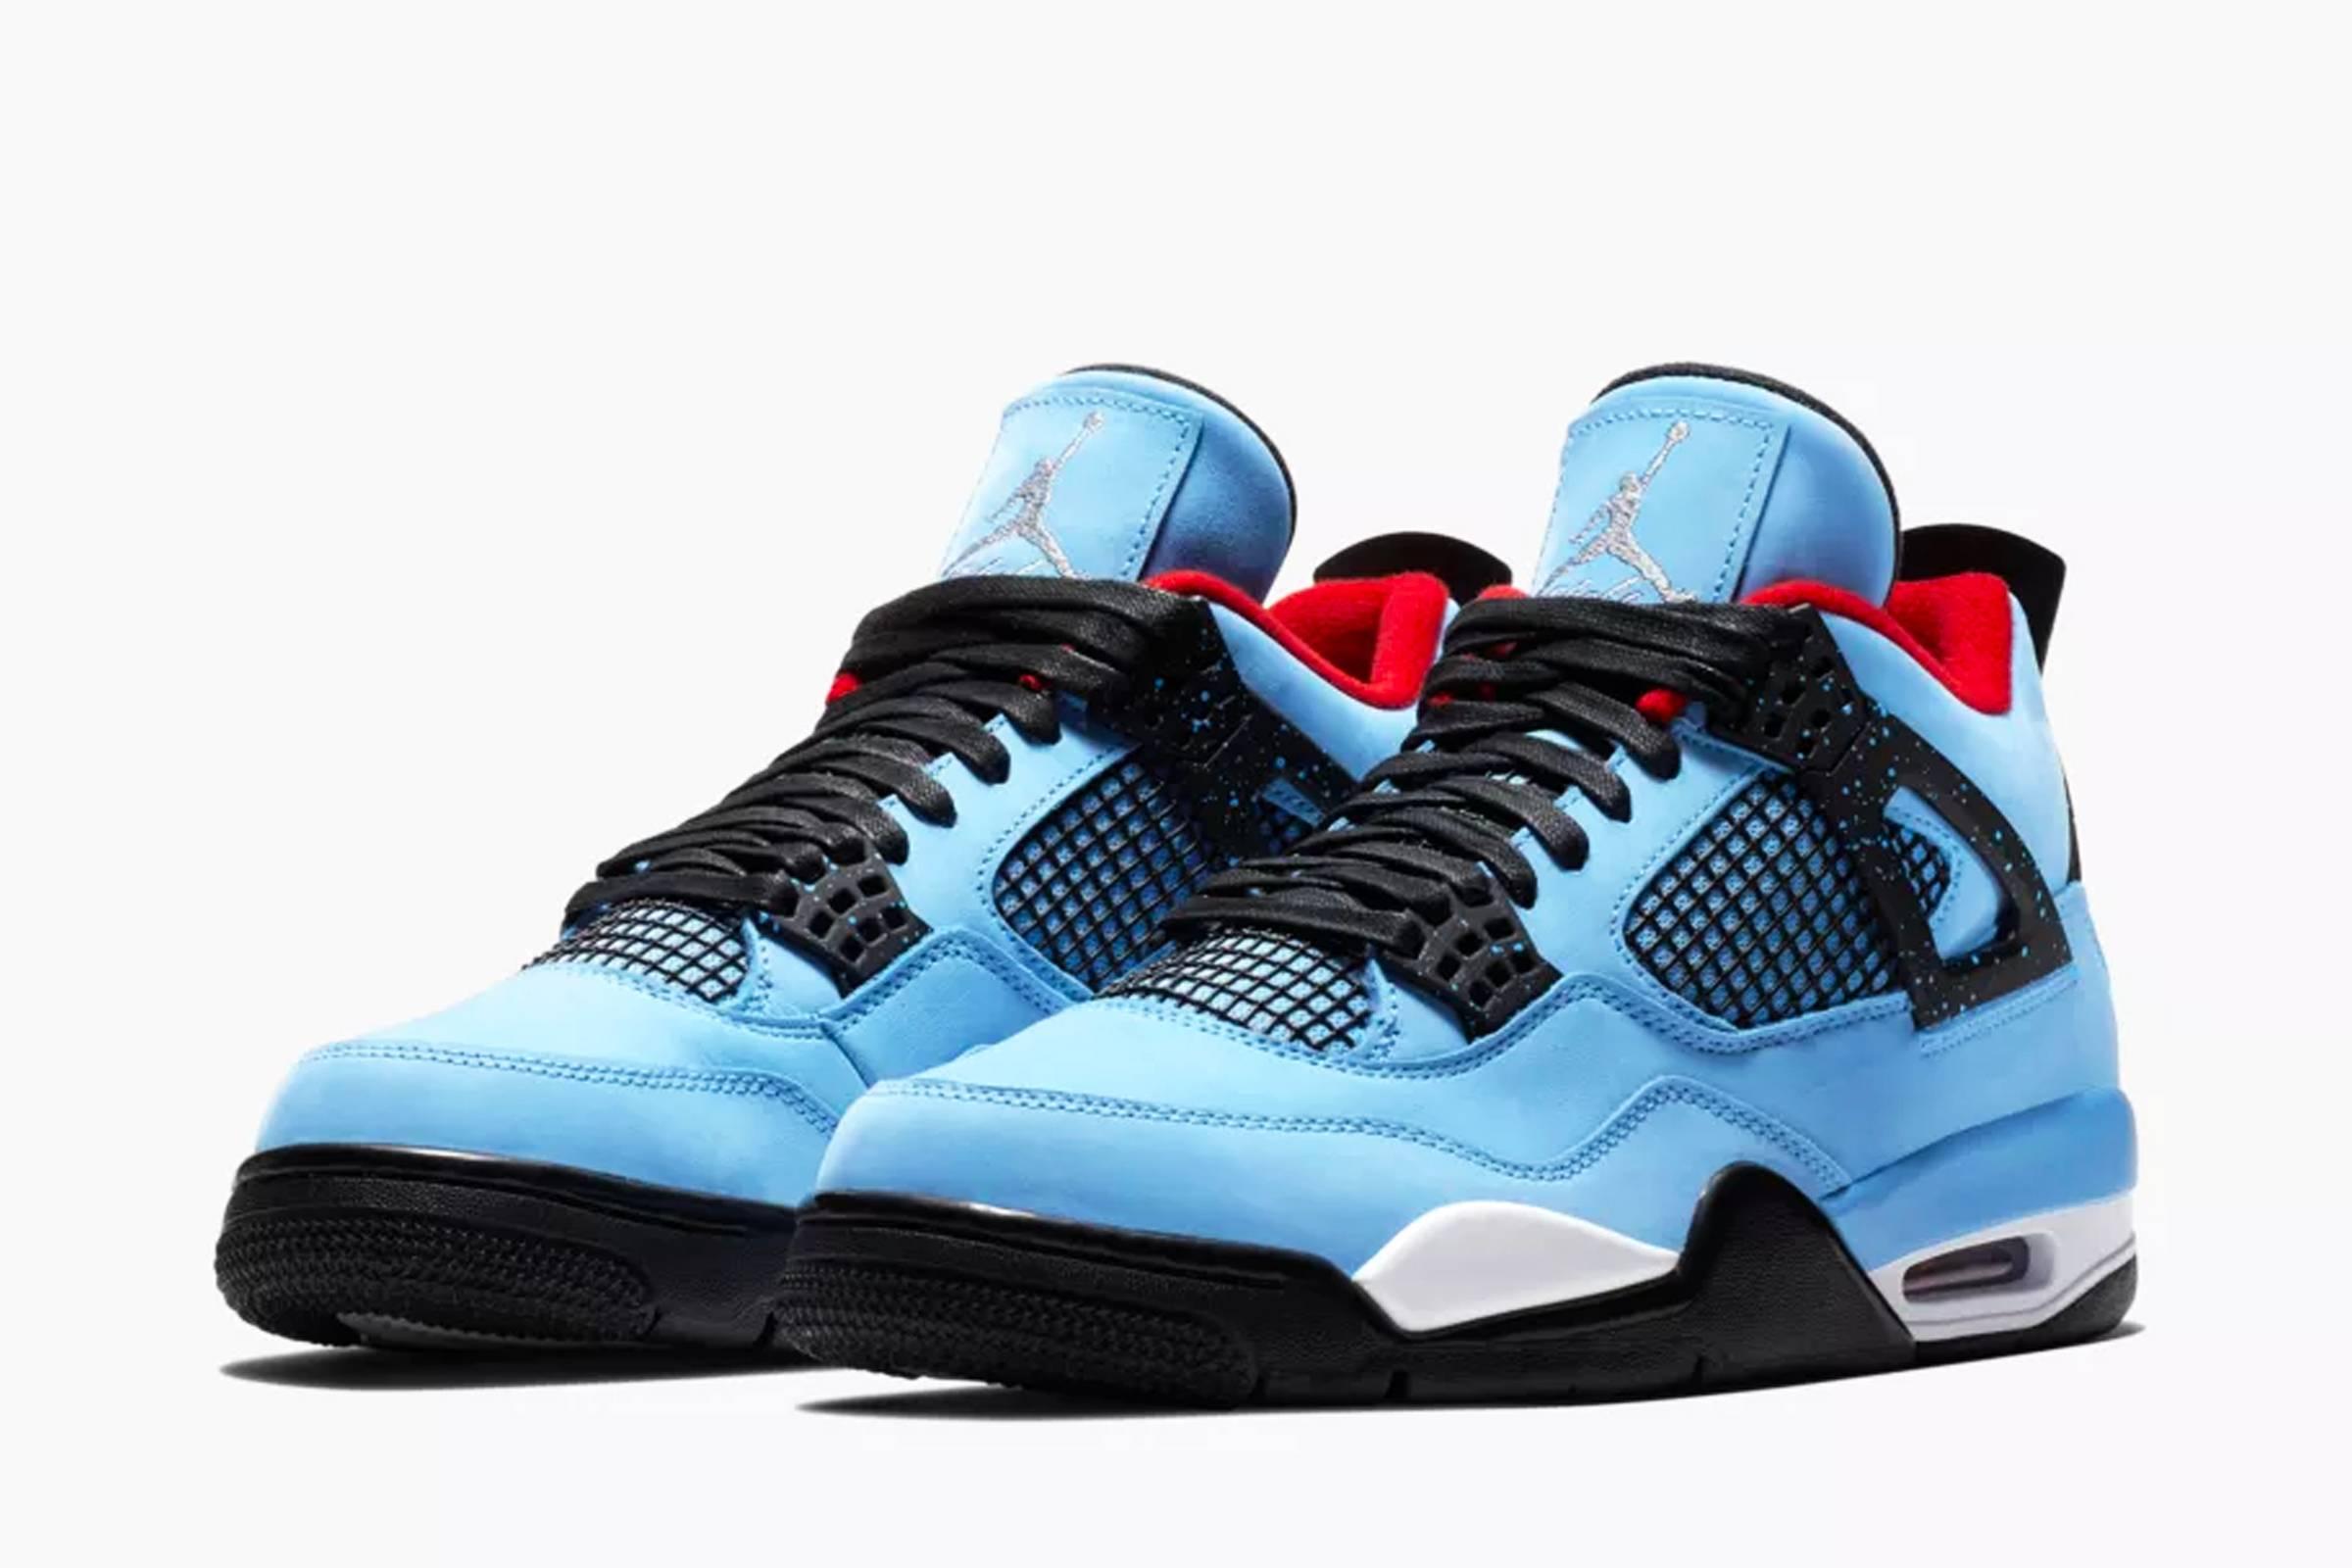 """Air Jordan IV """"Cactus Jack"""" (2018)"""